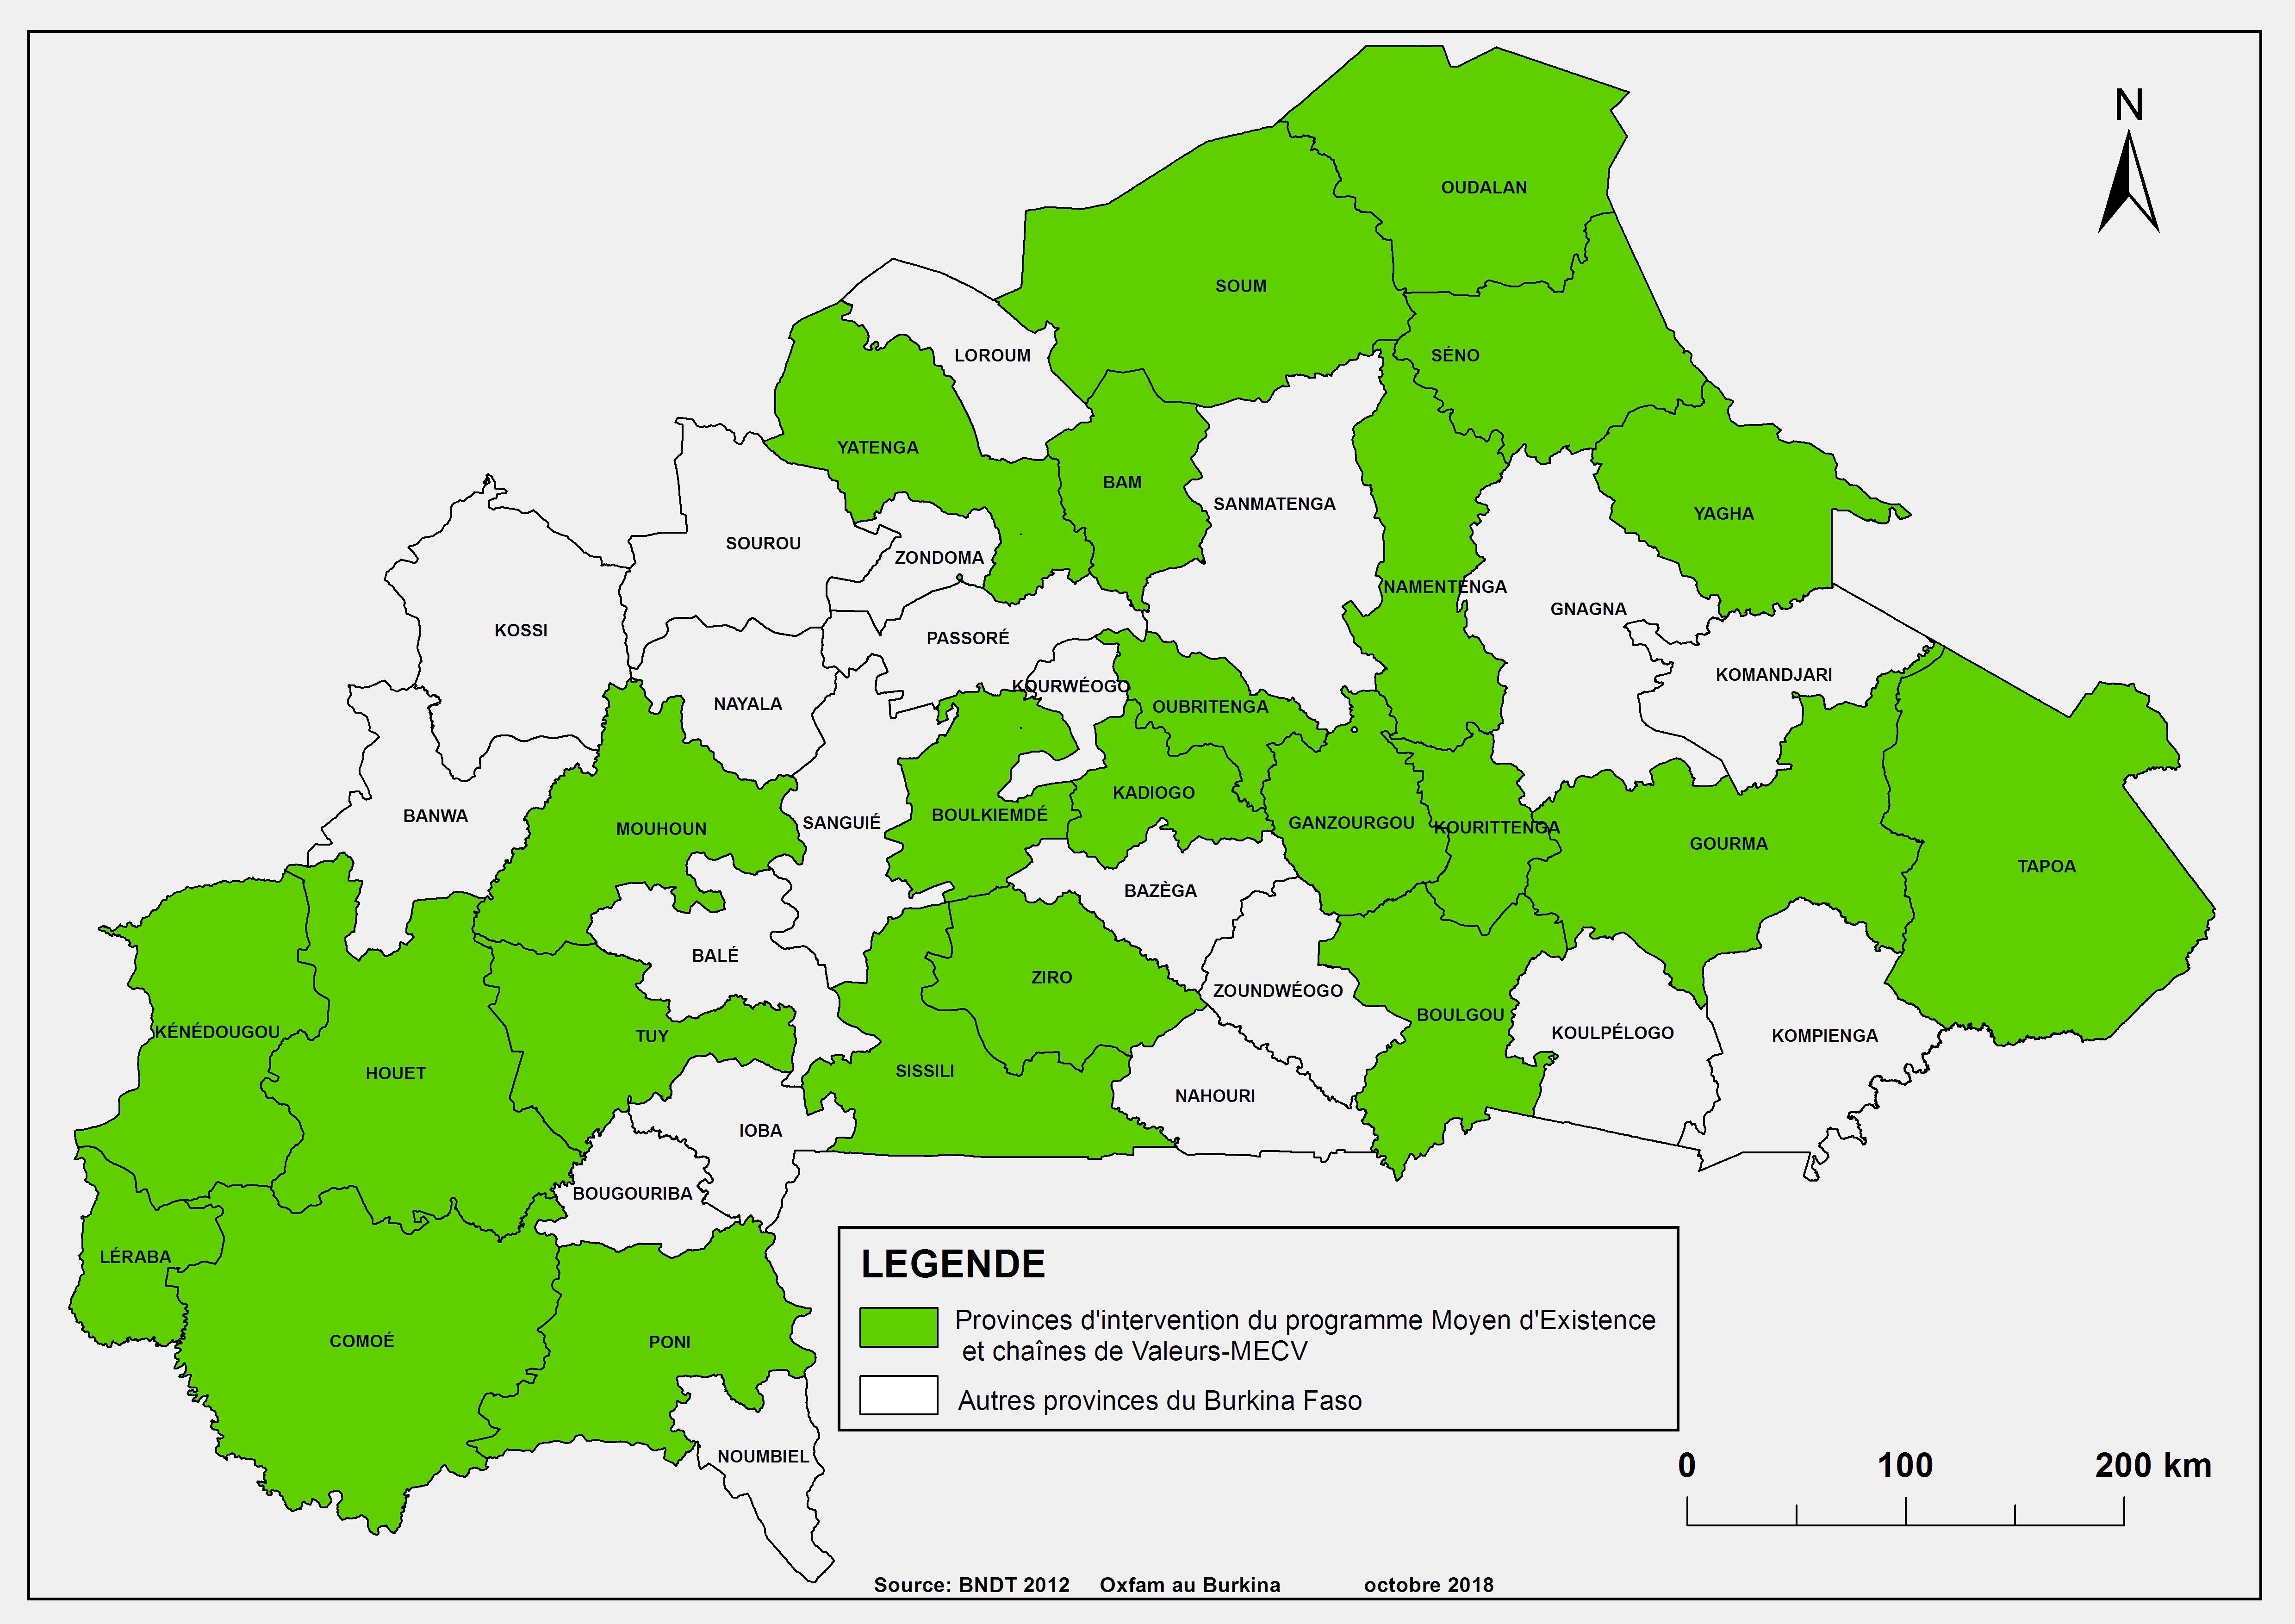 Zone d'intervention de Oxfam au Burkina dans le cadre de son programme  Moyens d'existence Chaines de valeurs